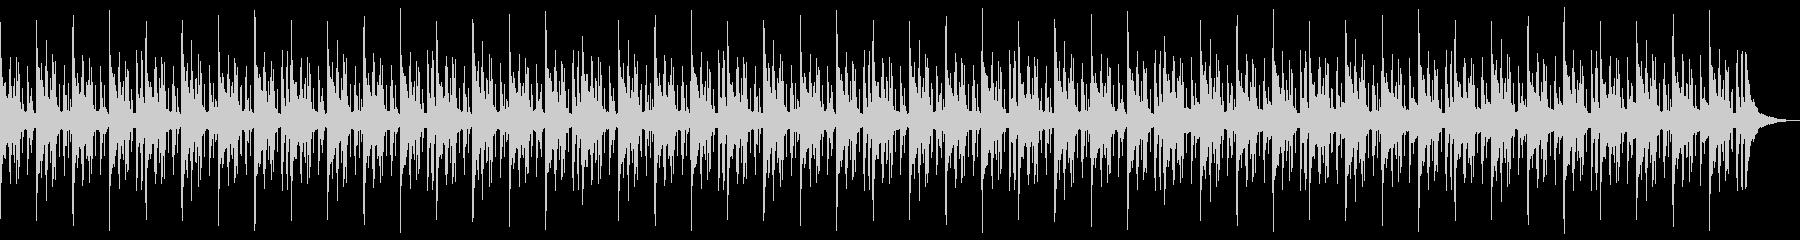 切ないエンディングローファイヒップホップの未再生の波形